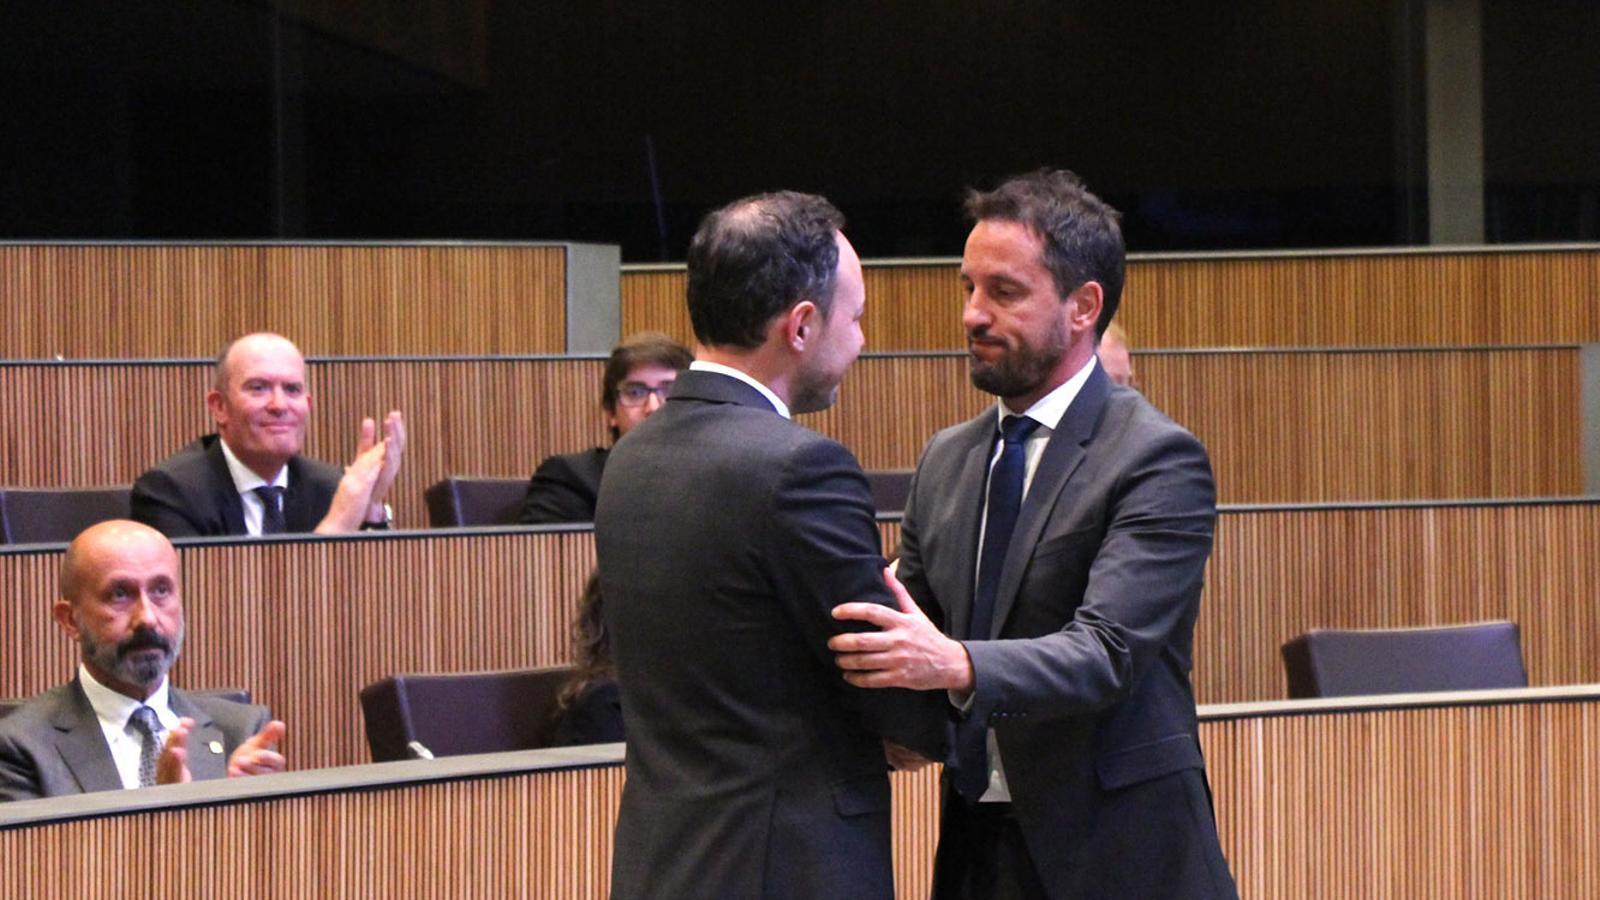 El conseller socialdemòcrata Pere López saluda Xavier Espot després d'haver estat investit com a cap de Govern. / M. F. (ANA)